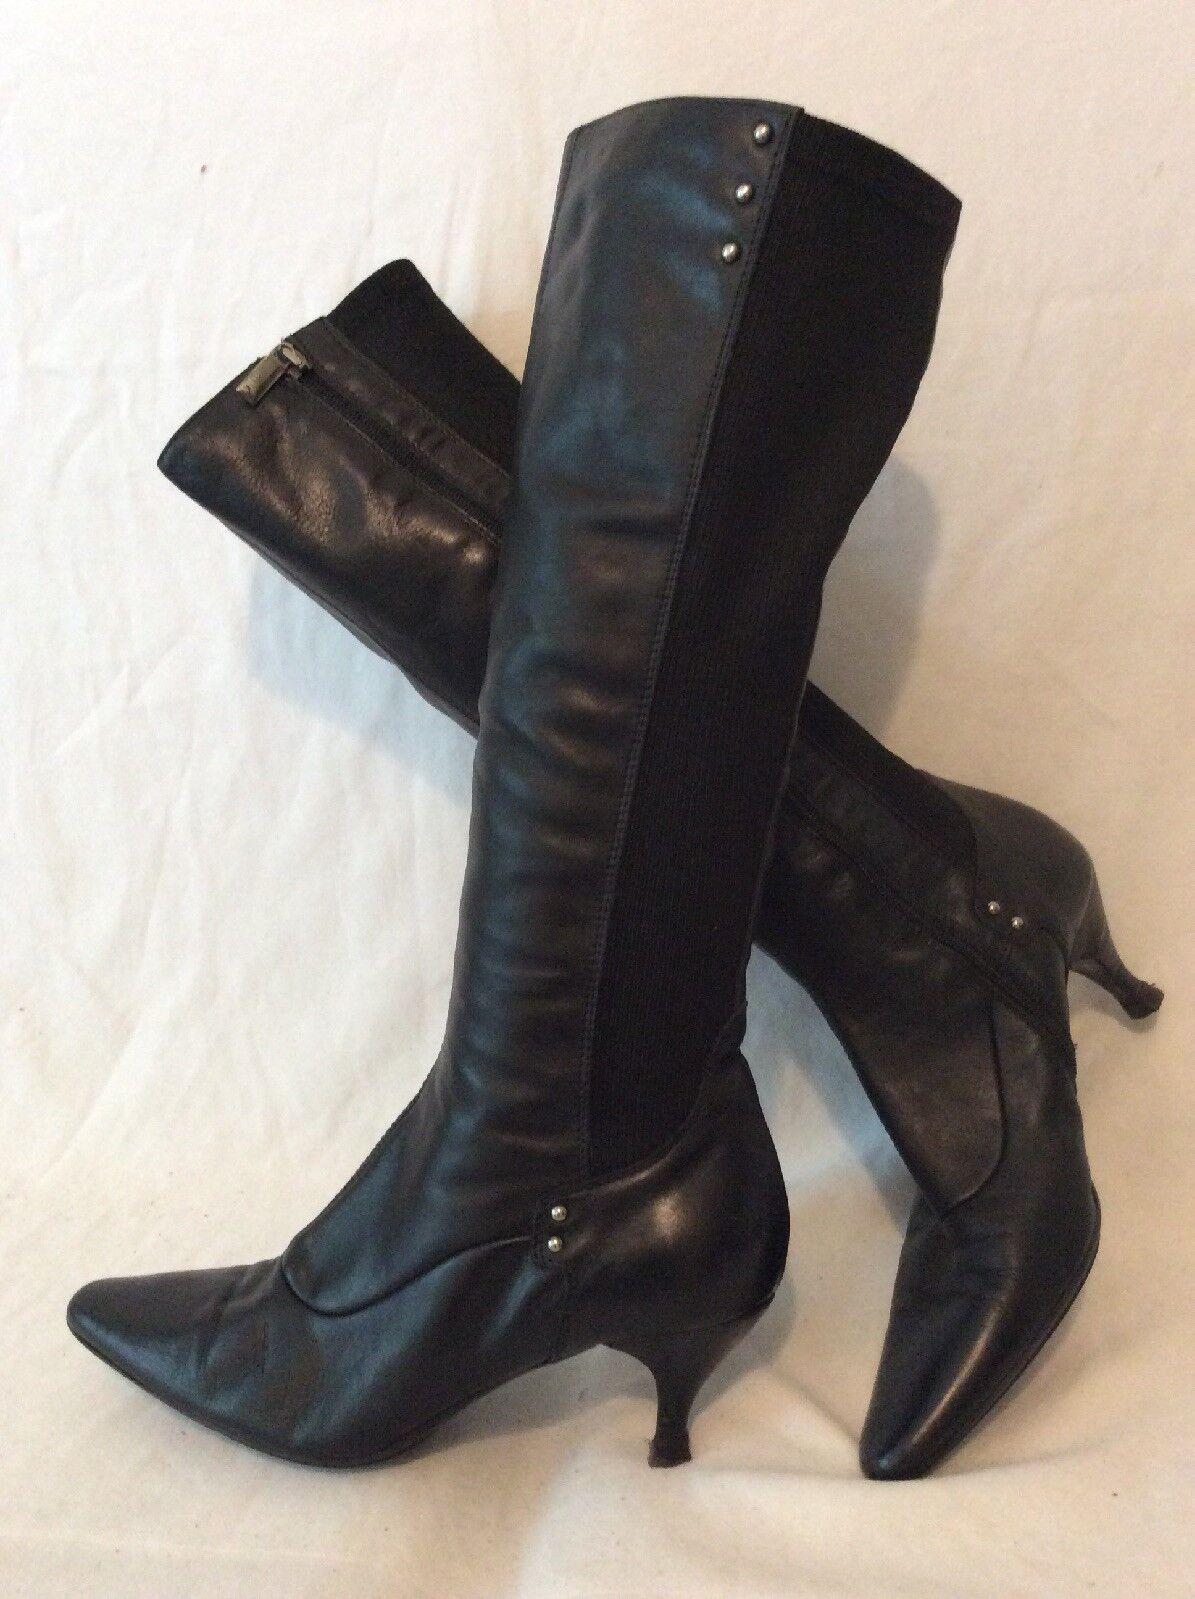 Aquatalia Noir Hautes Bottes en cuir taille 38